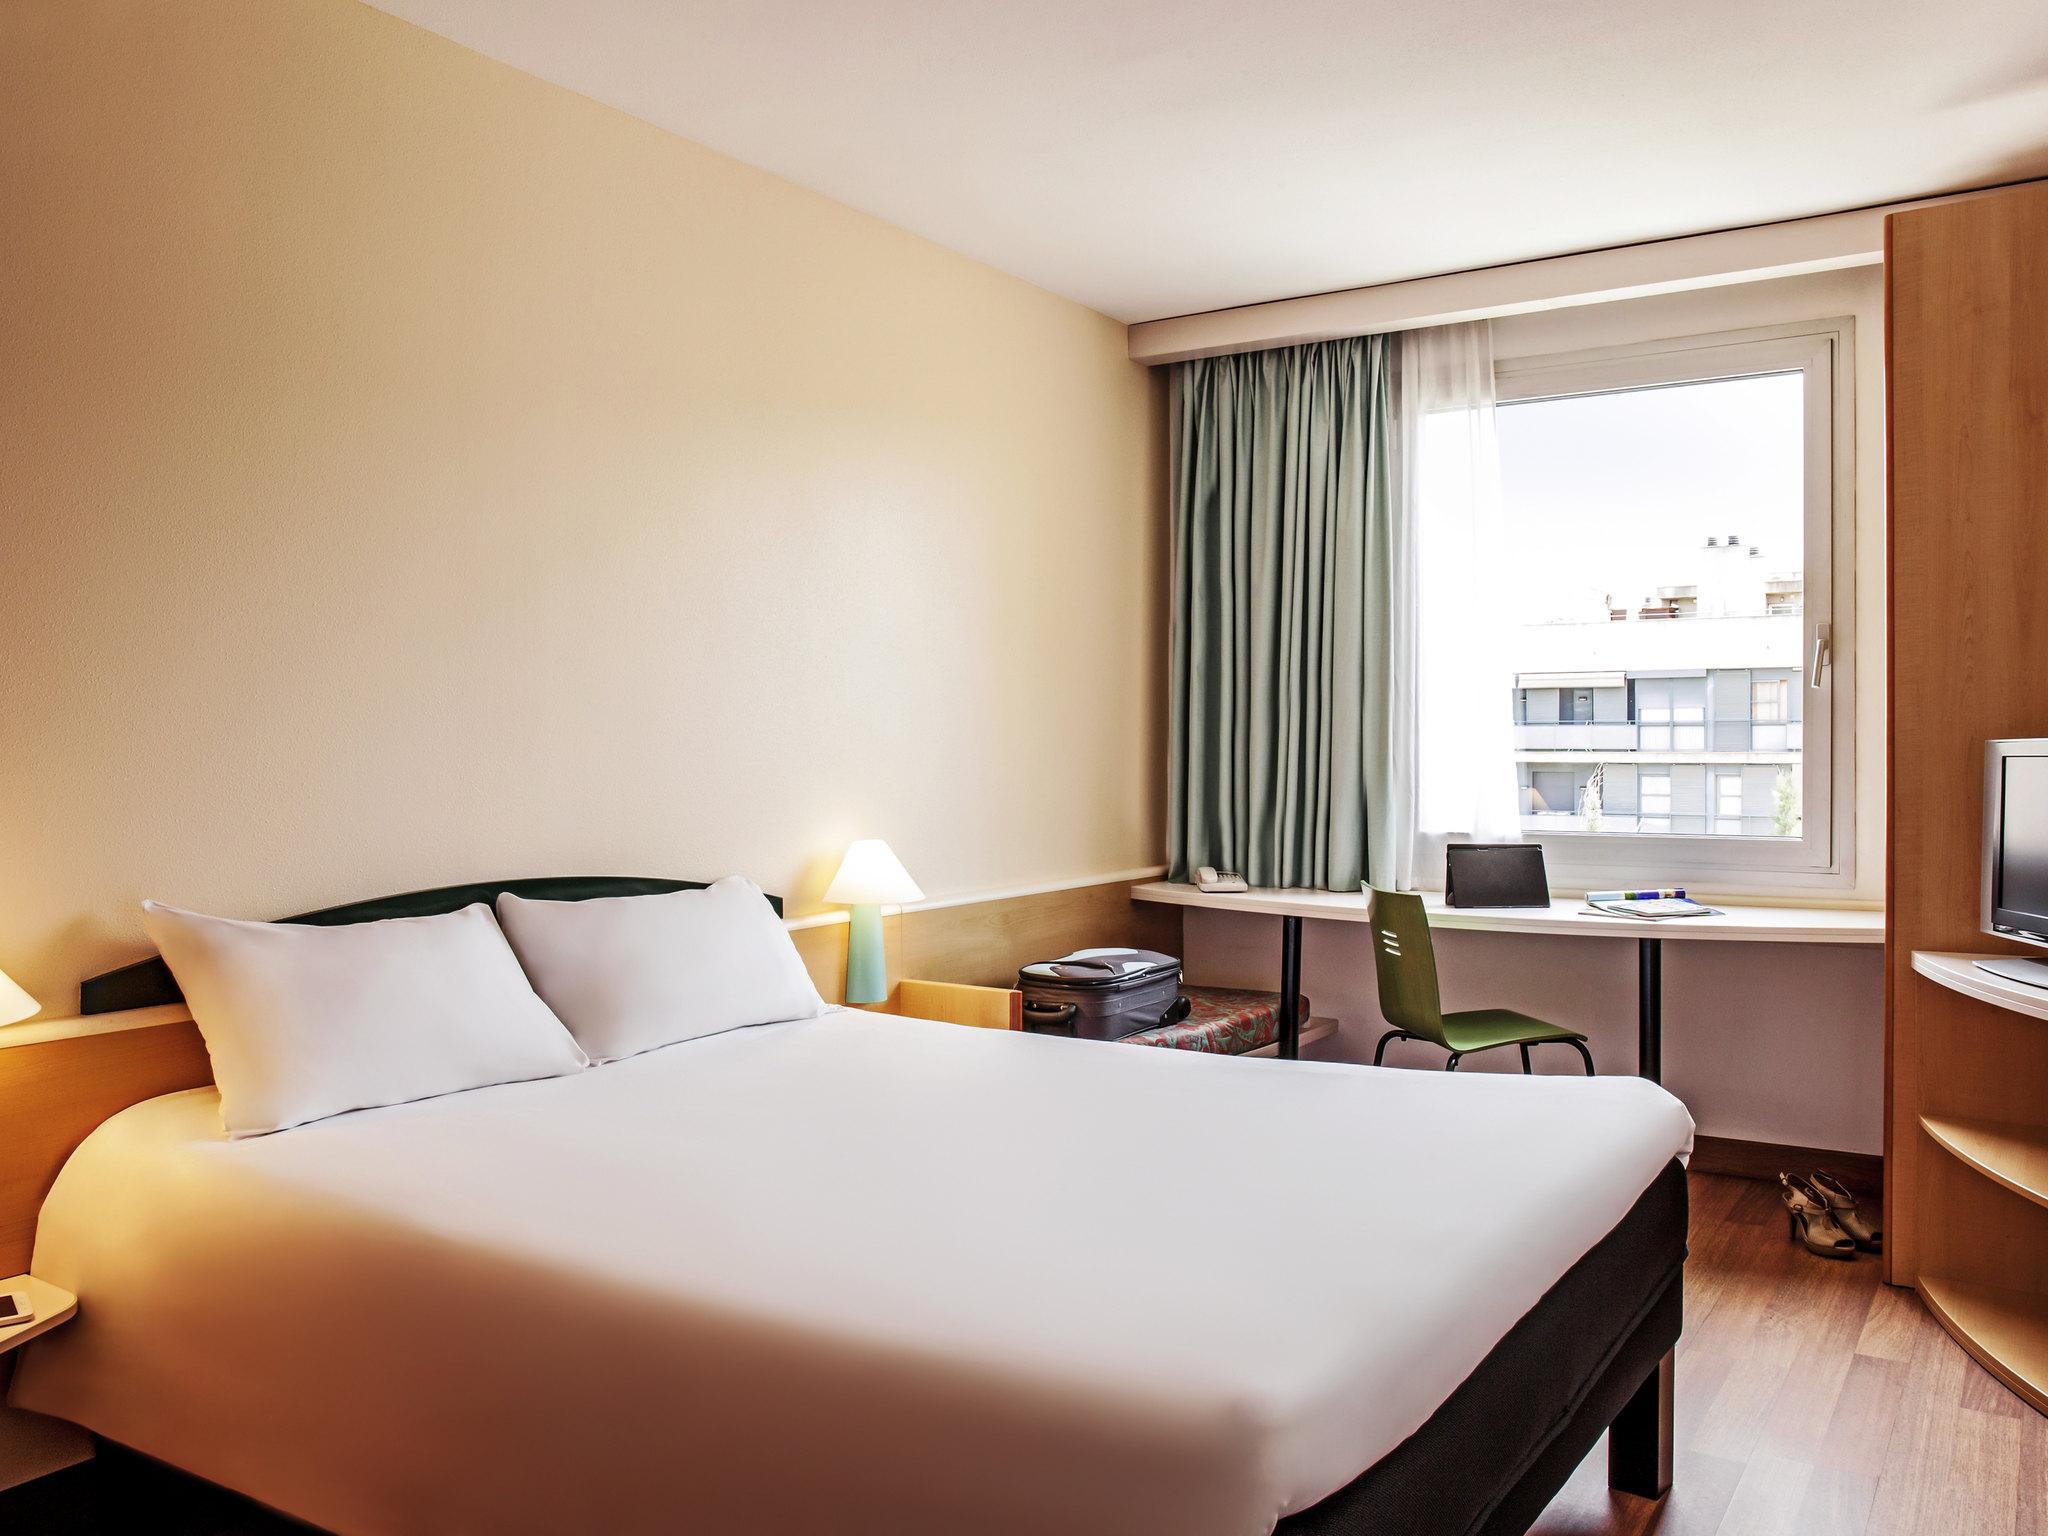 فندق - إيبيس ibis برسيلونه مولينز دي راي